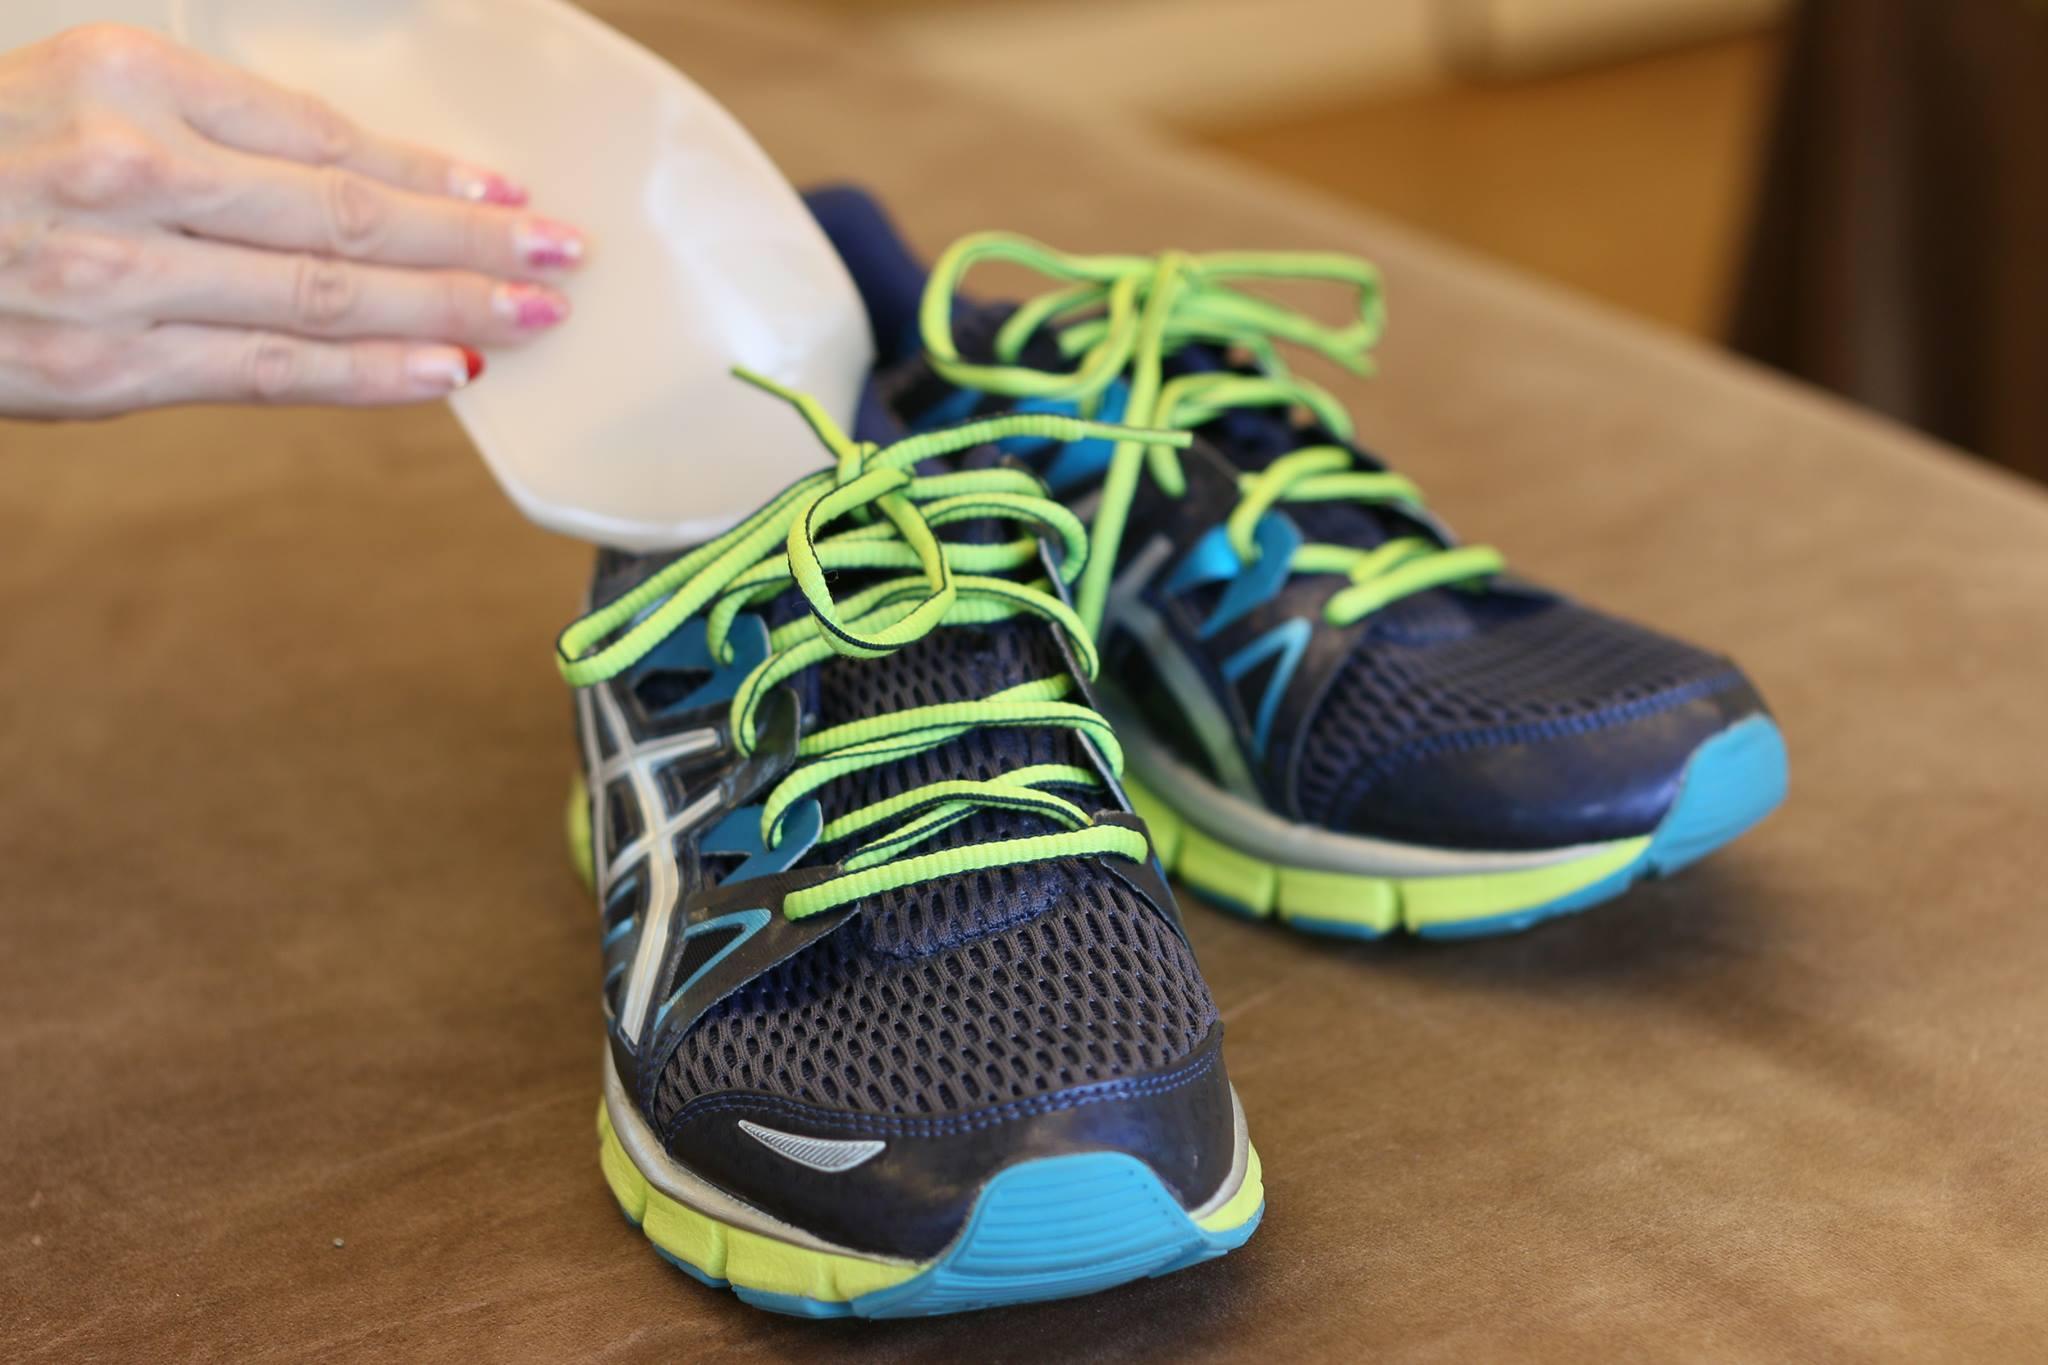 スポーツの靴にインソール